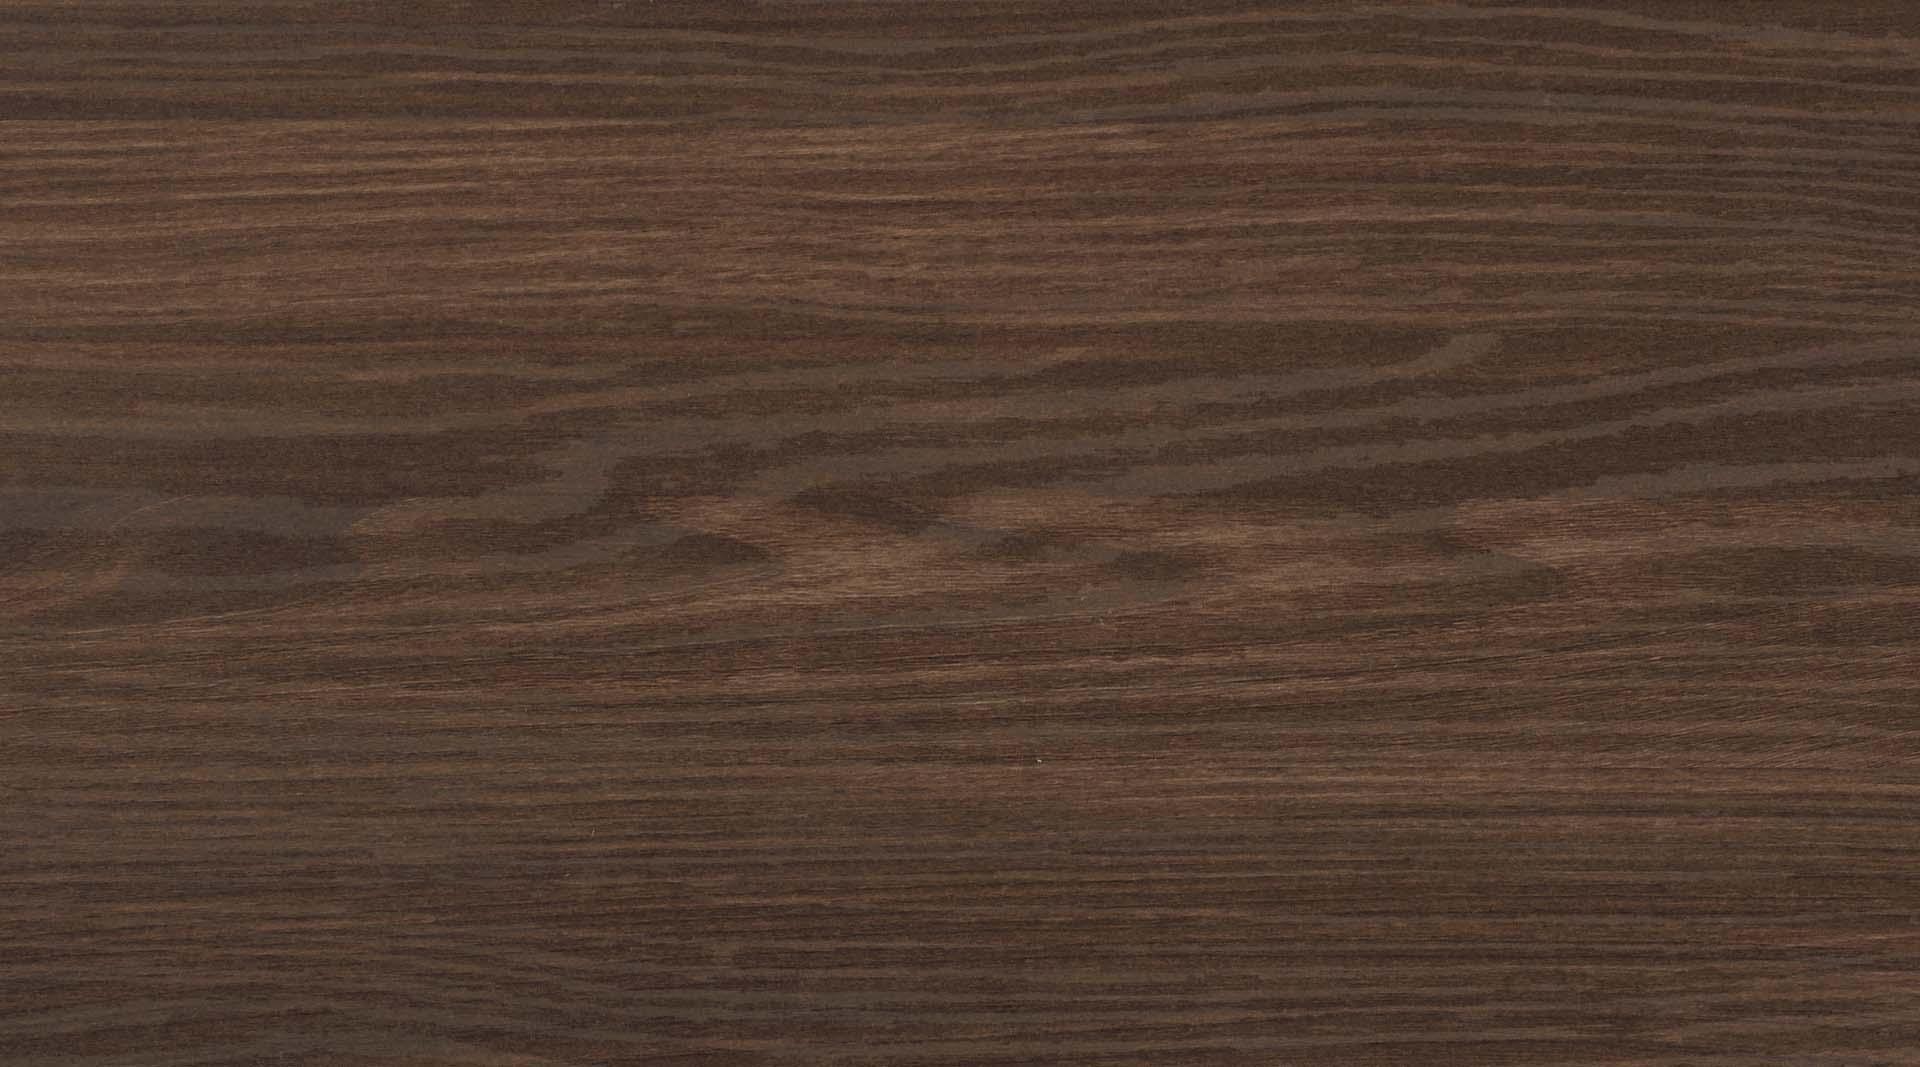 Nolte küchen arbeitsplatten nussbaum  Nolte Arbeitsplatten-Dekor & Glas   küchenEXPERTE